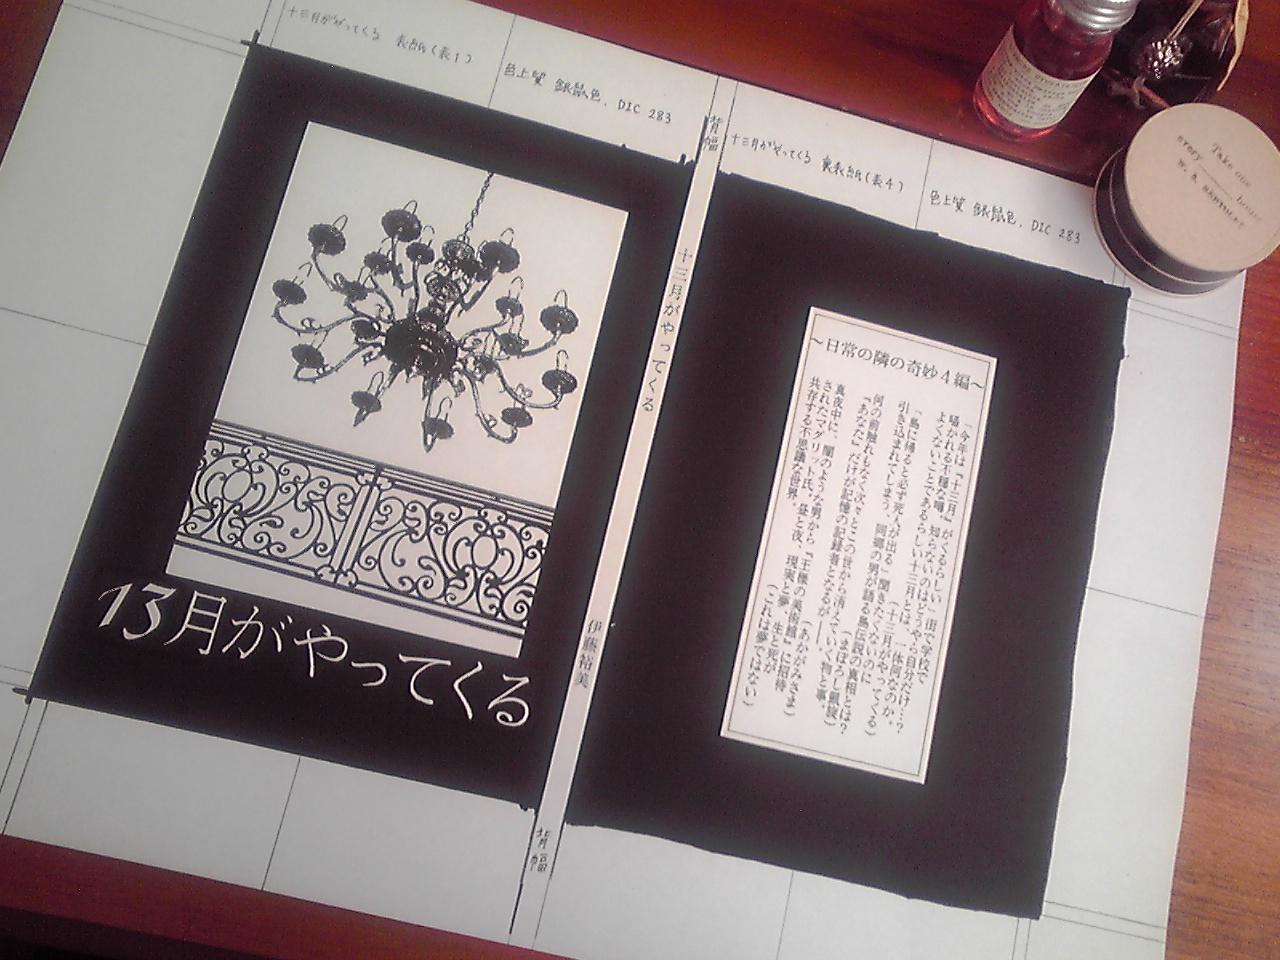 【小説】新作「十三月がやってくる」印刷中